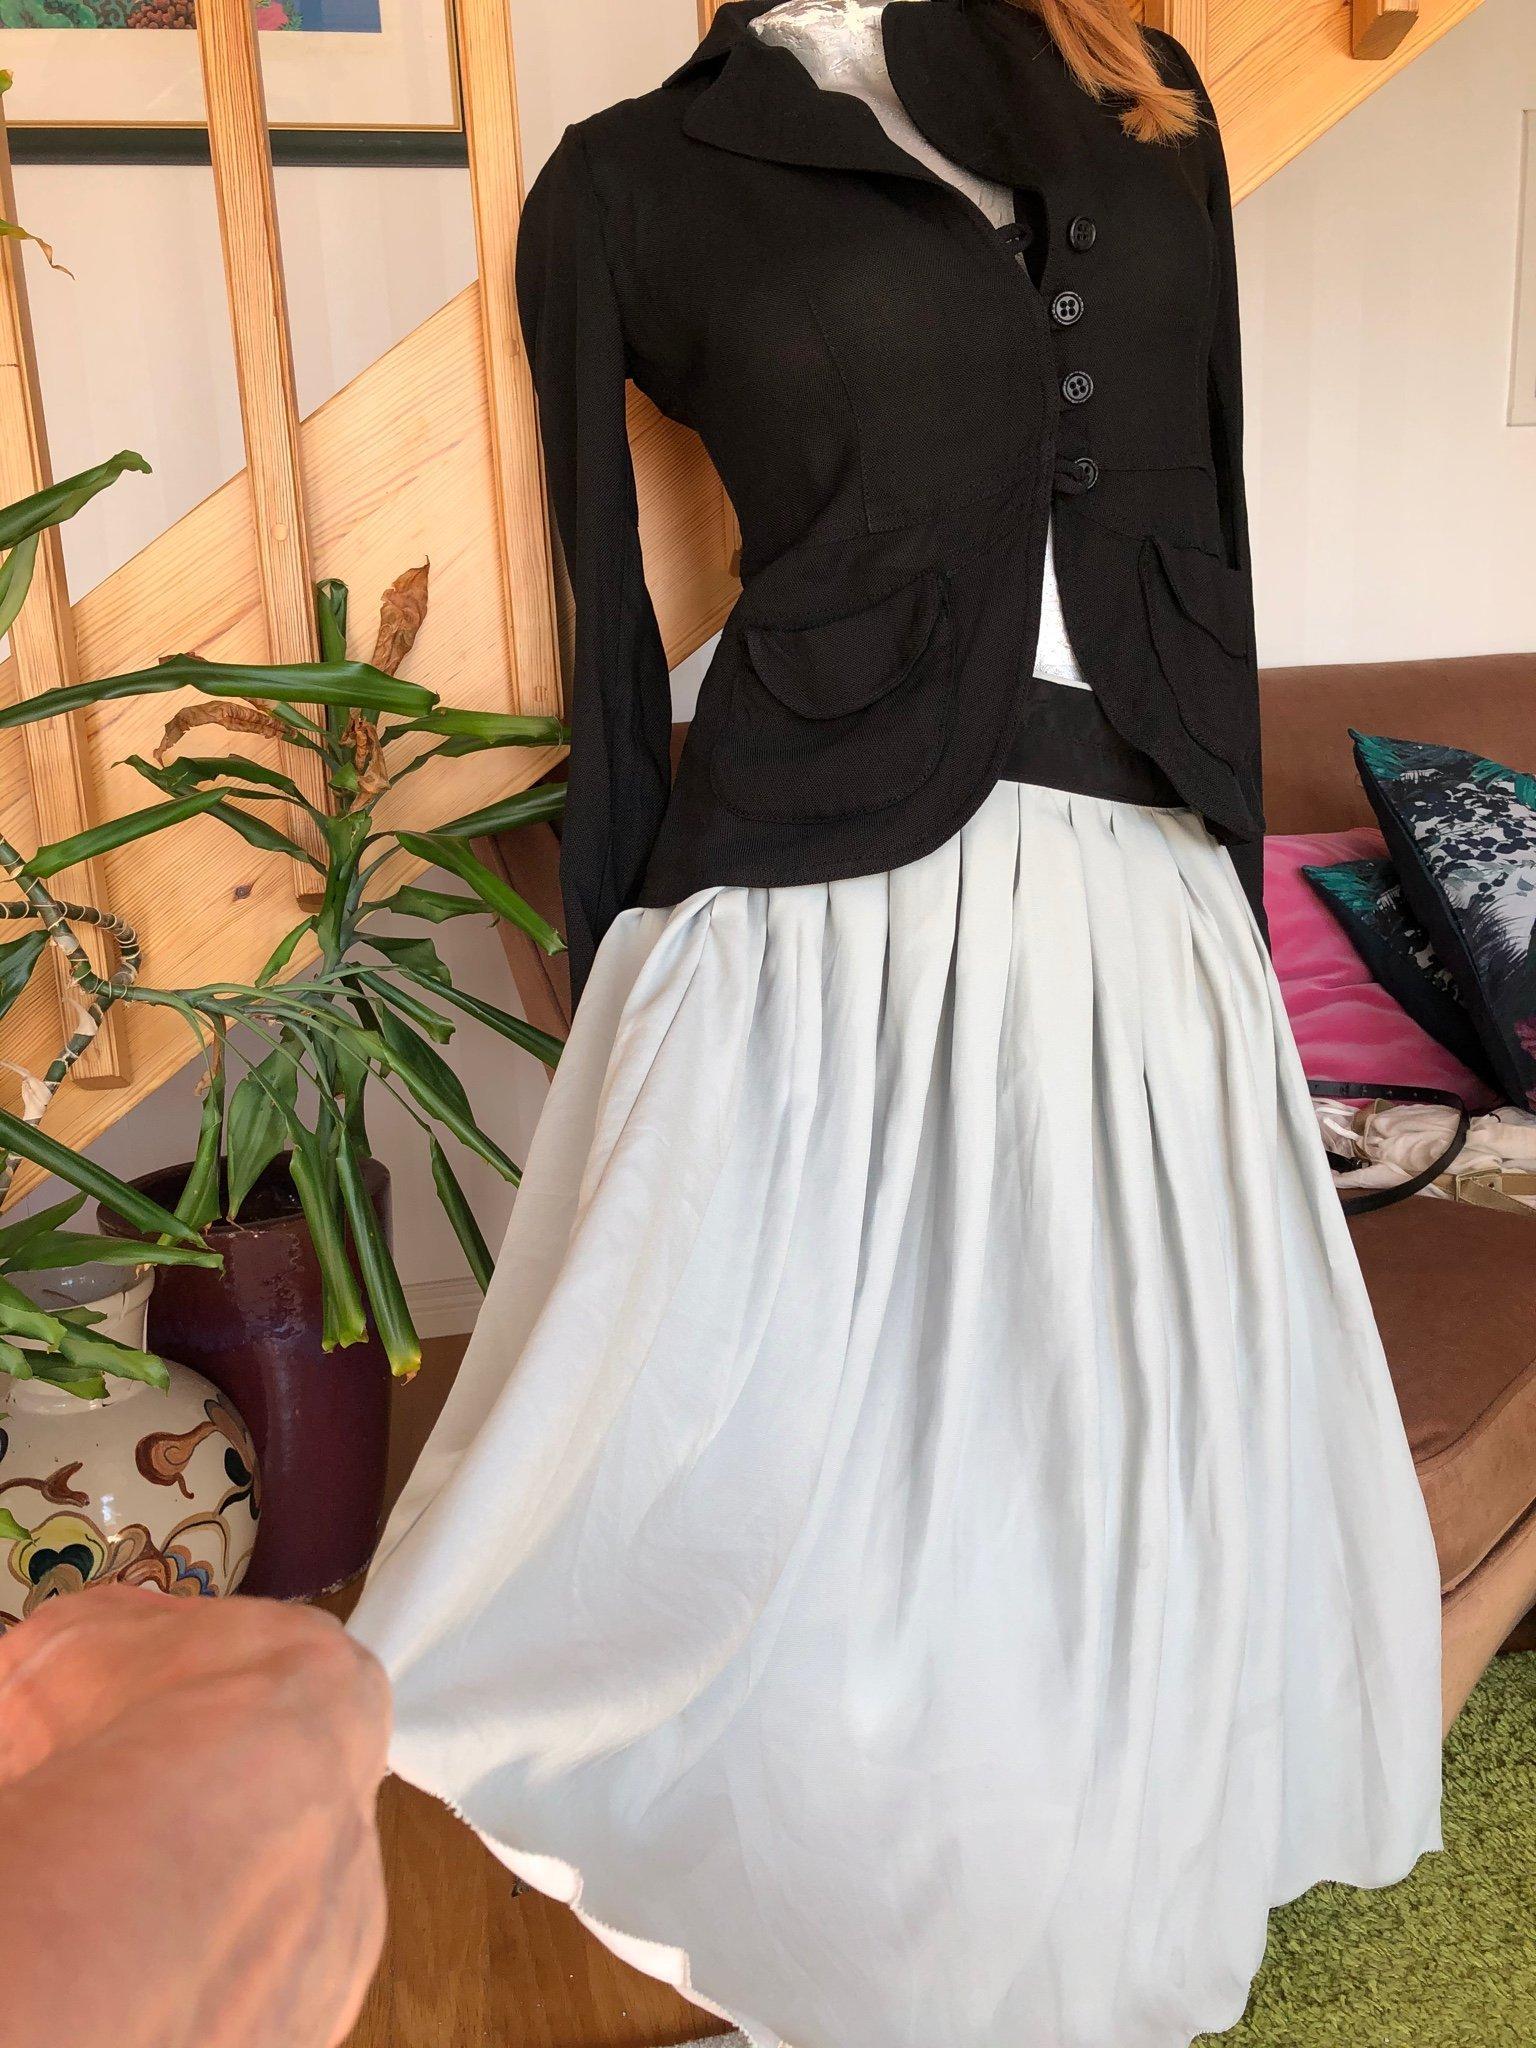 2 match vintageretro plagg: veckad PE kjol+ sv.. (404861062